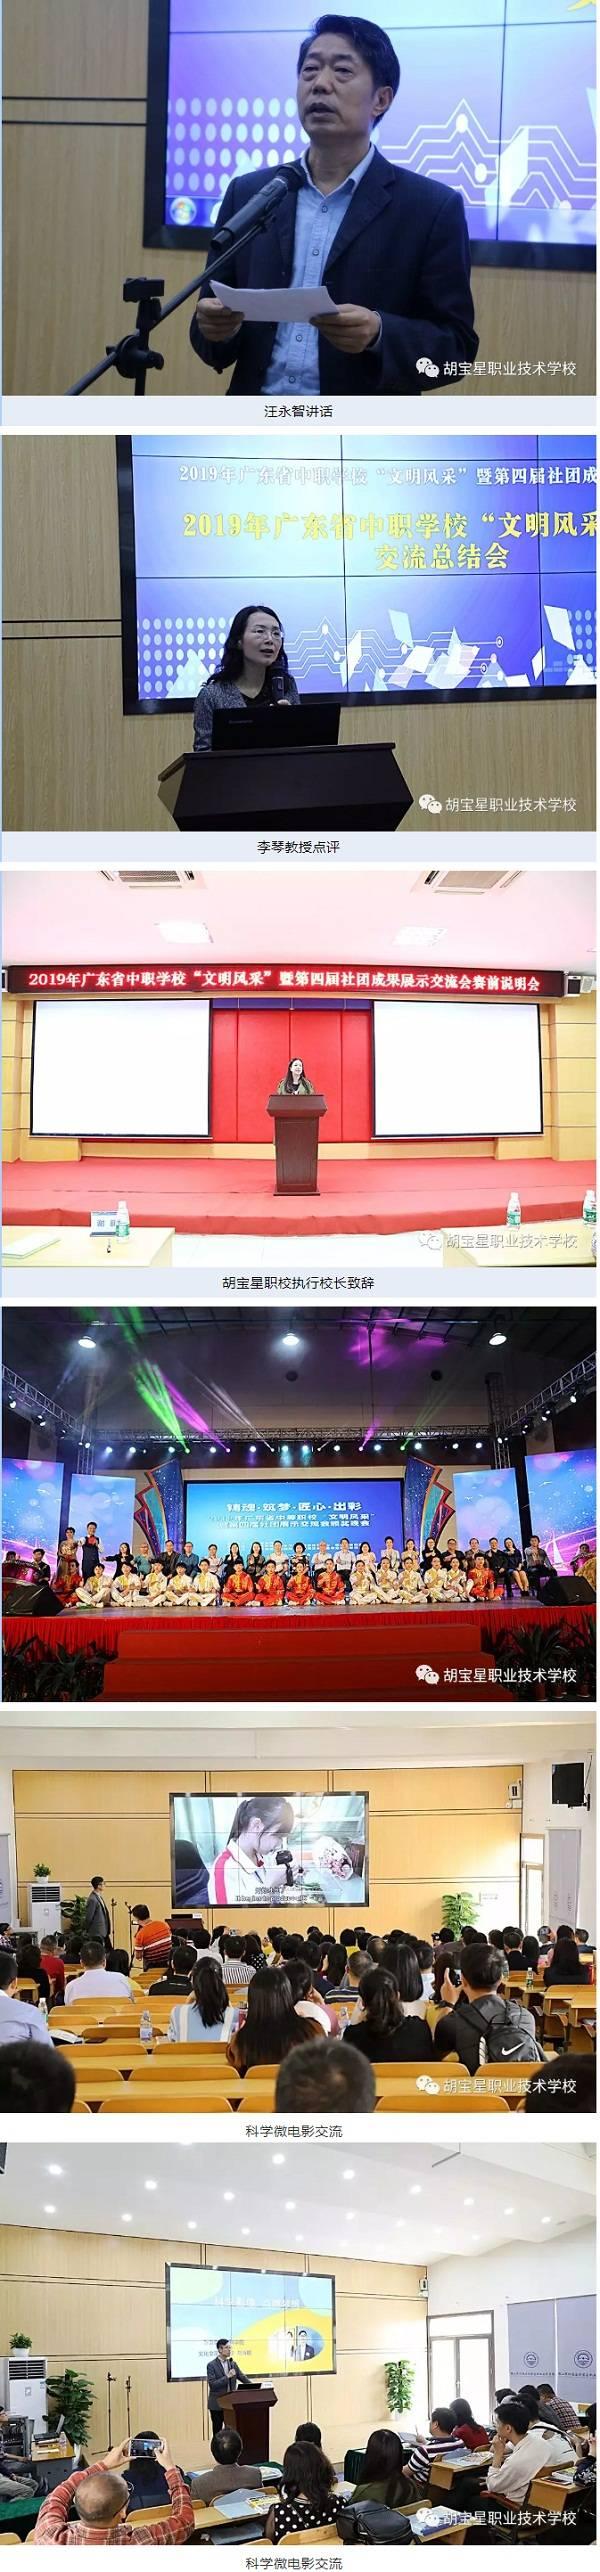 中国职业教育5.jpg